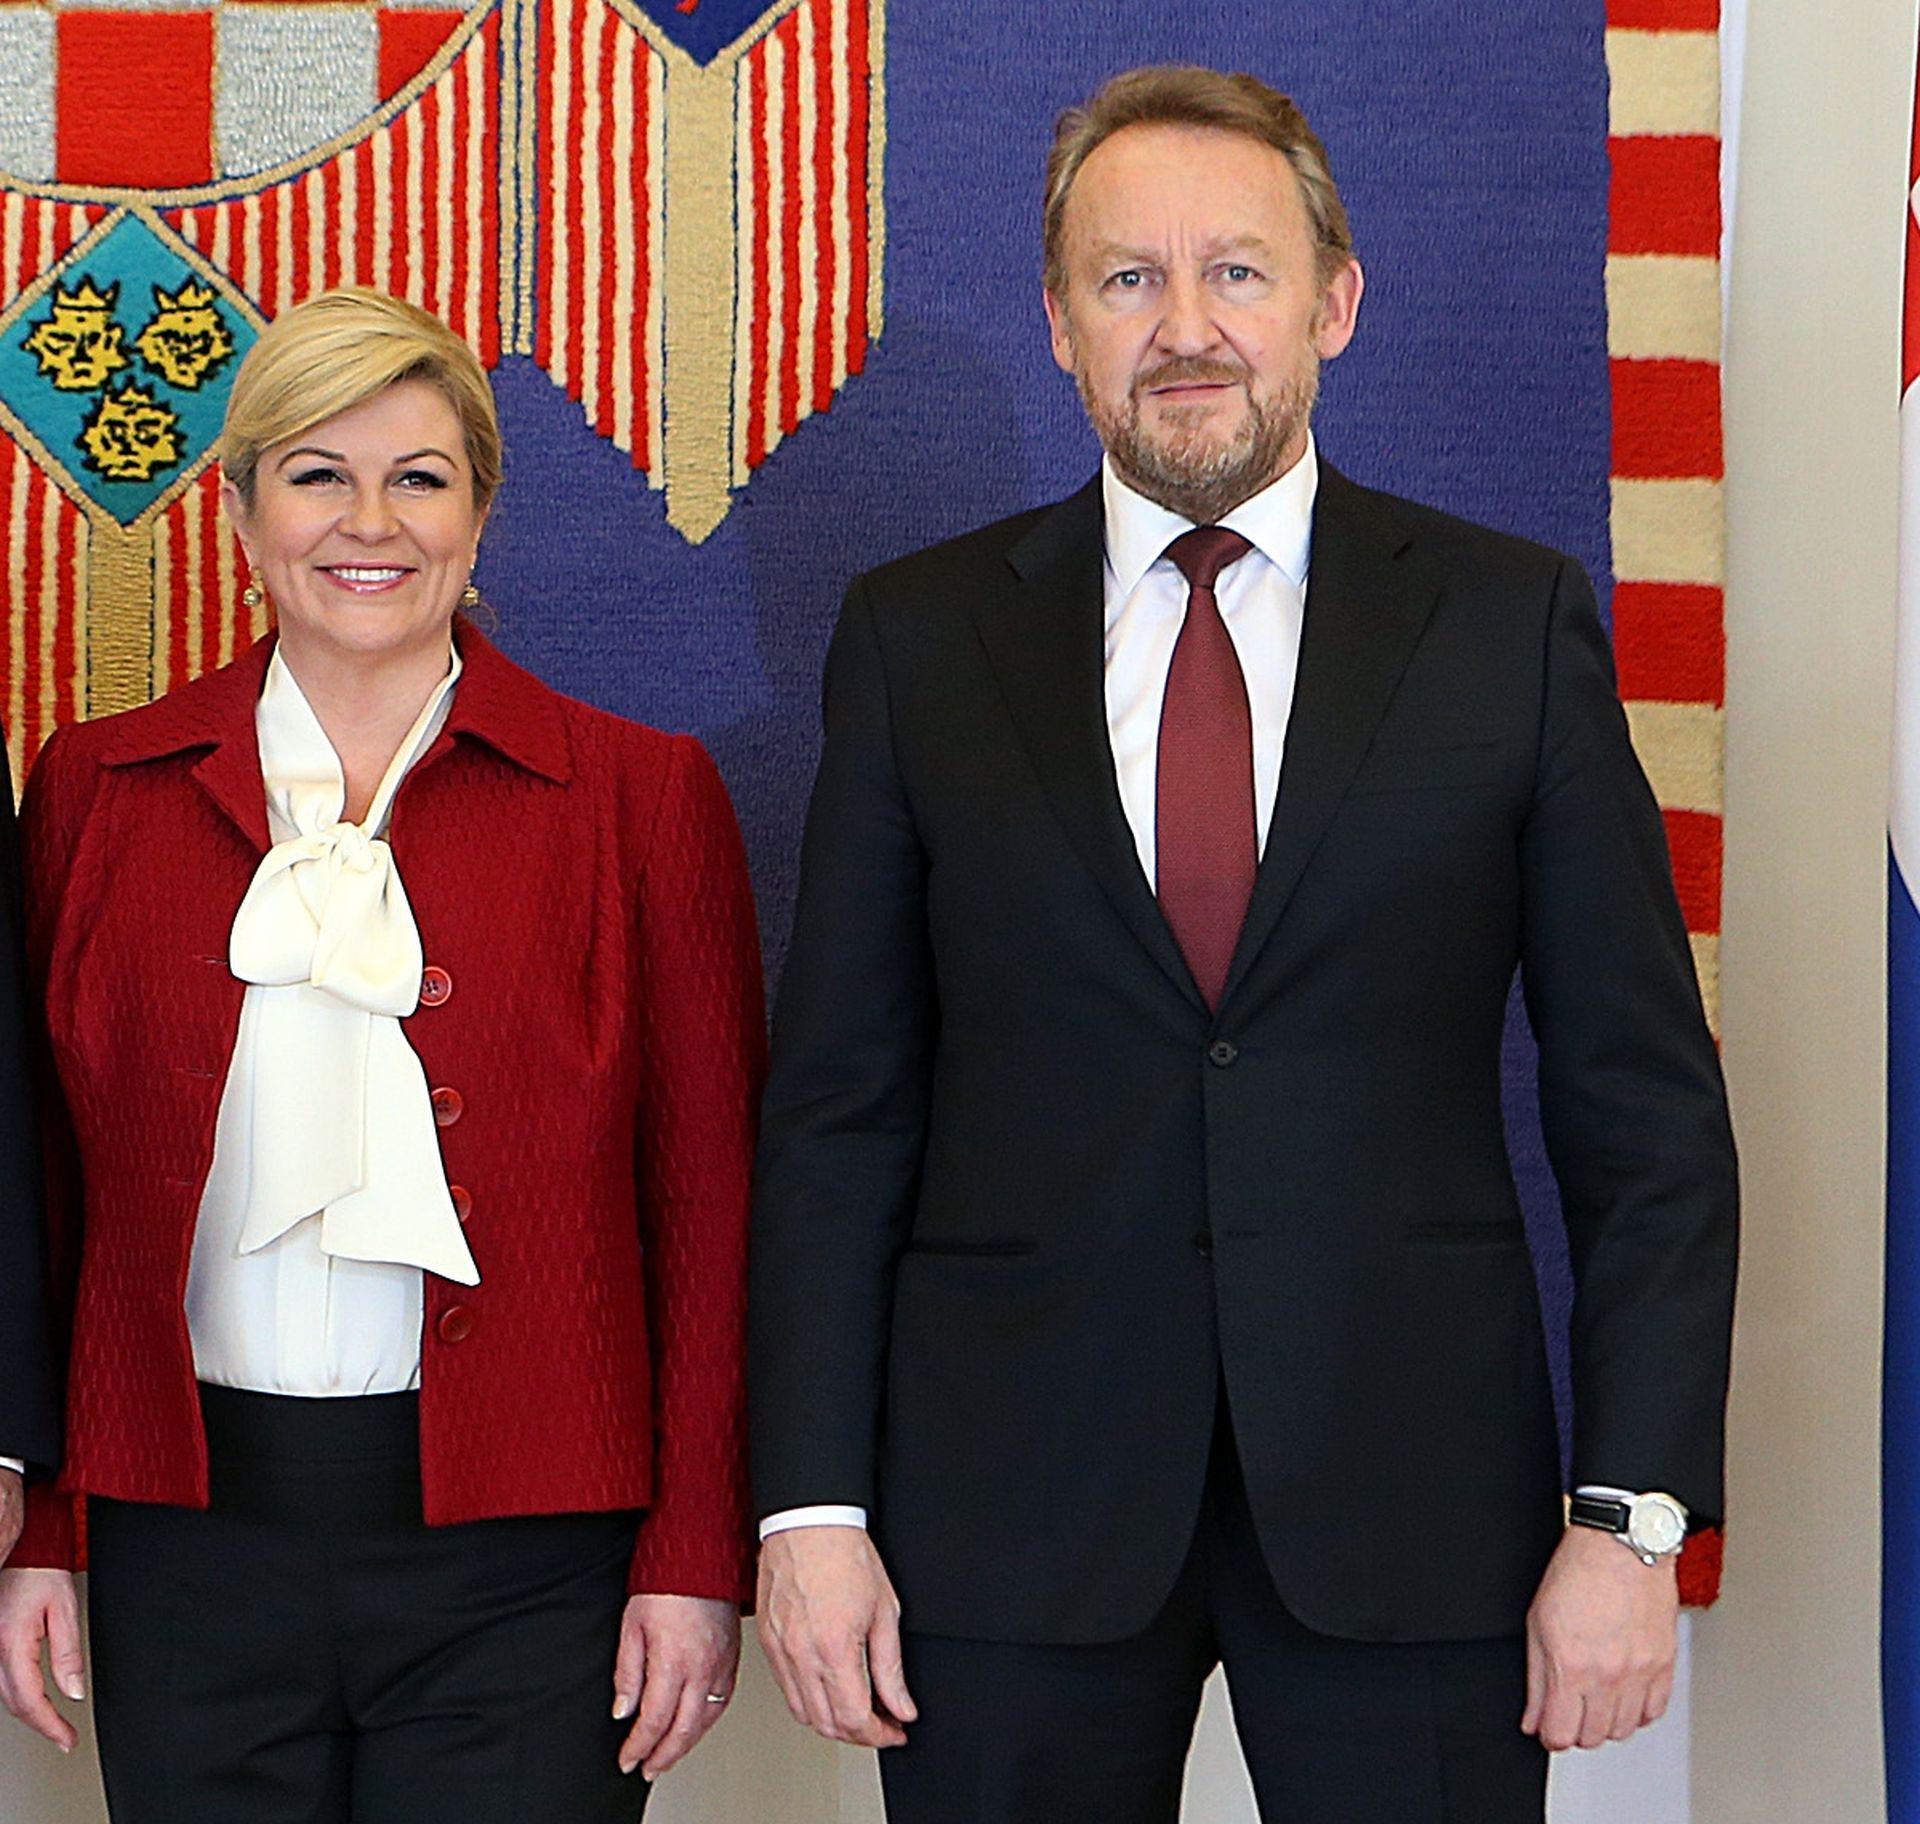 Izetbegović: Odnosi Hrvata i Bošnjaka u BiH su krhki no želimo ih ojačati